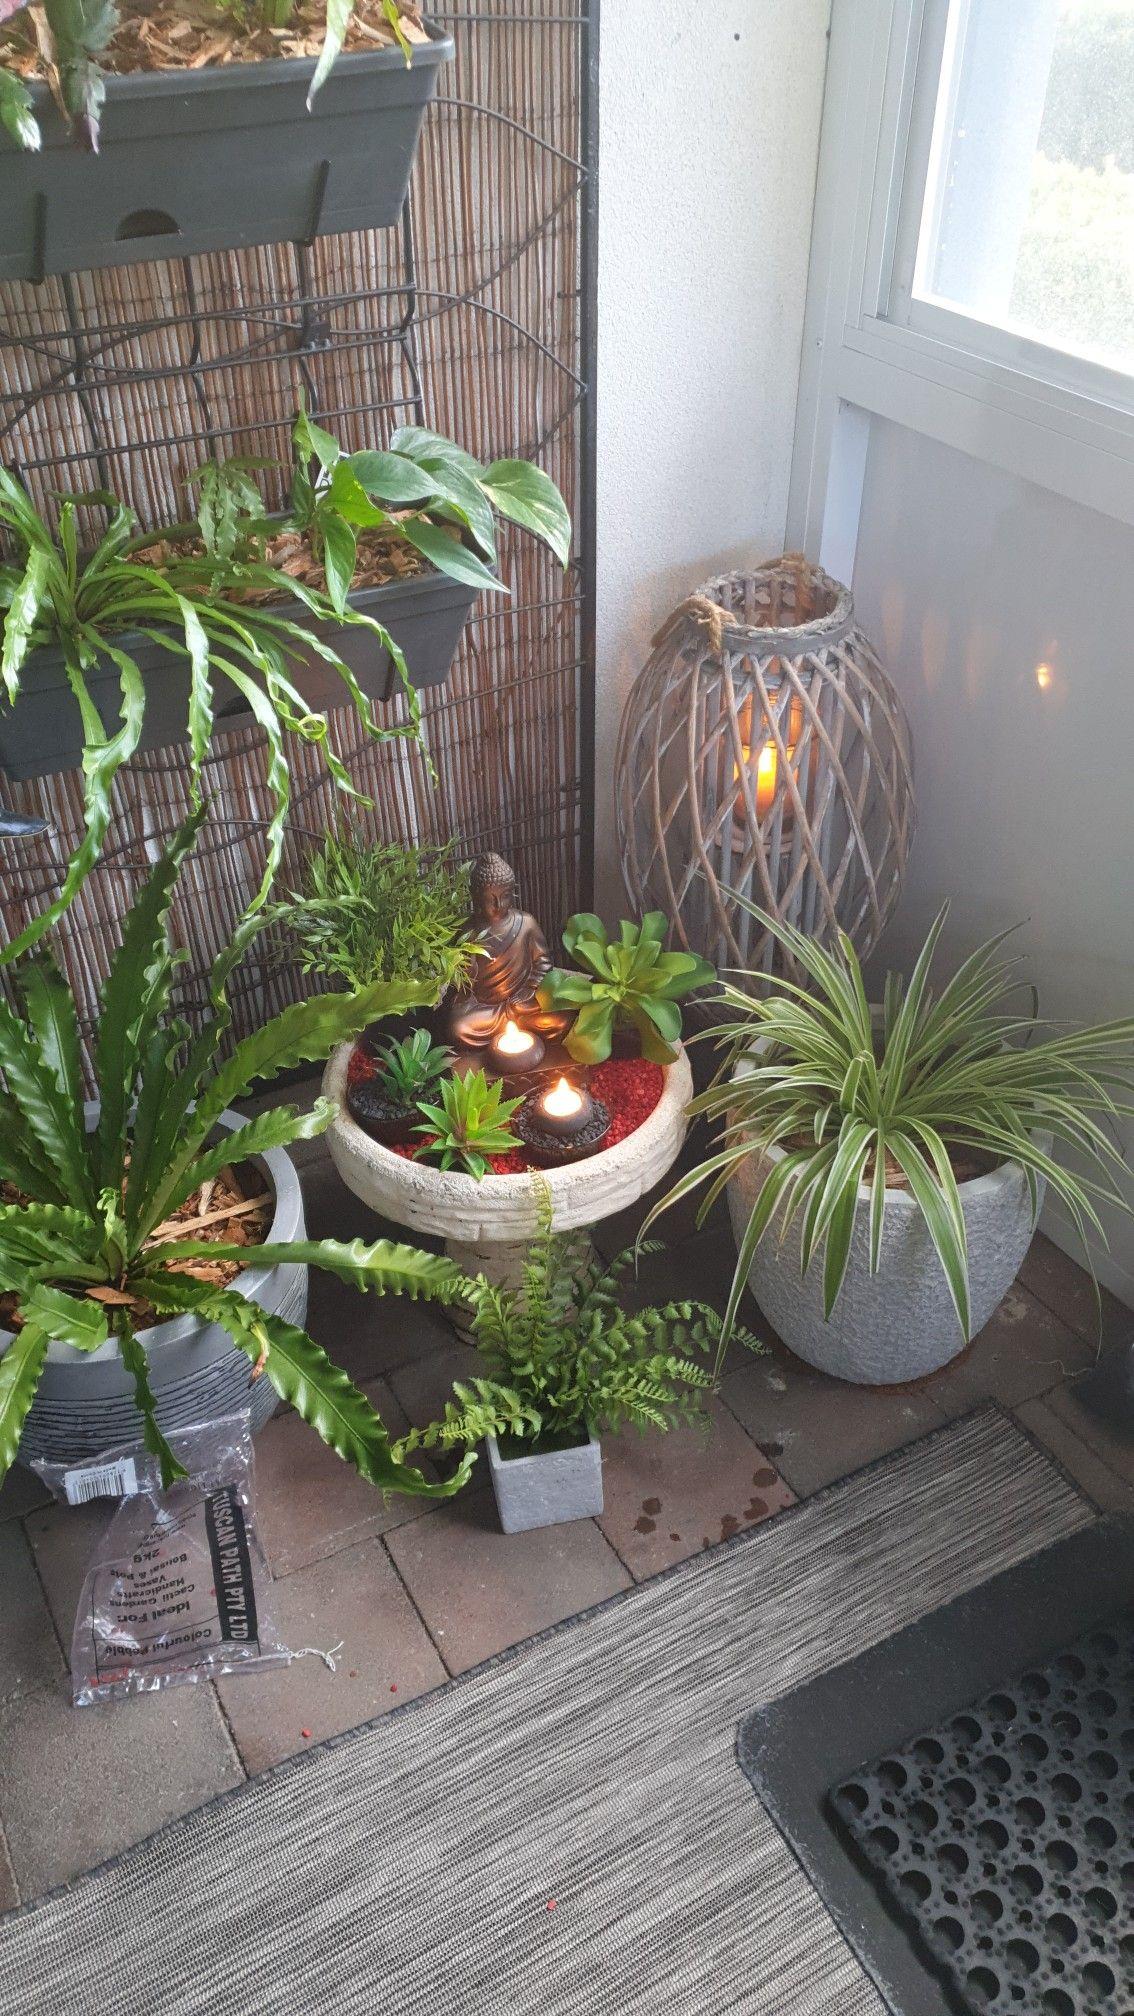 Pin By Giselle Pineli On Reiki Healing Learning Zen Garden Design House Plants Decor Buddha Garden